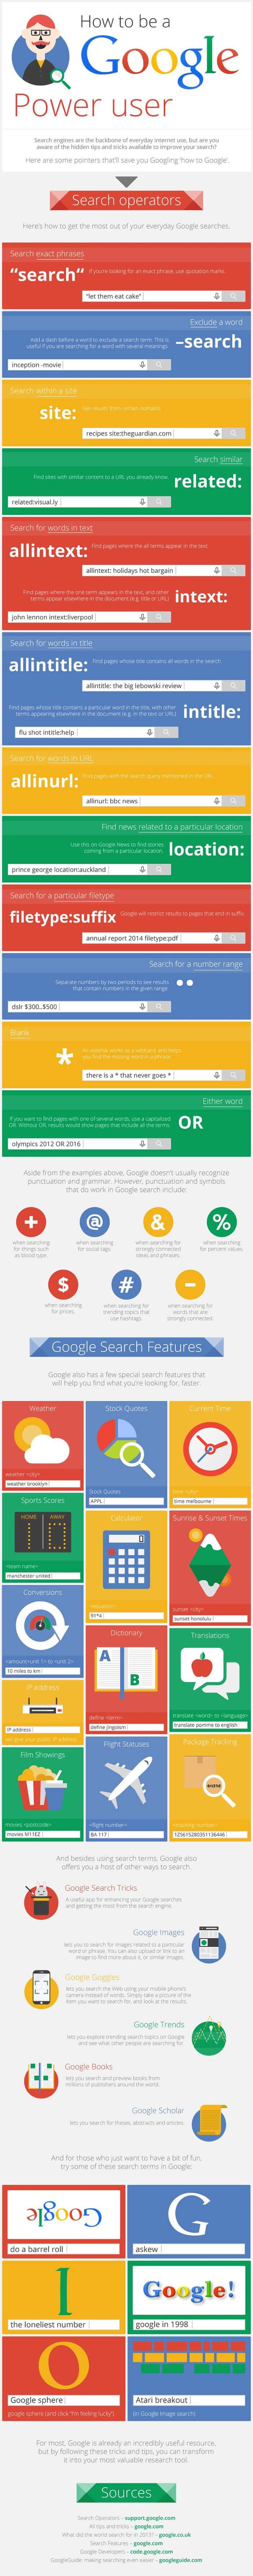 Infographie - Astuces pour mieux maîtriser Google